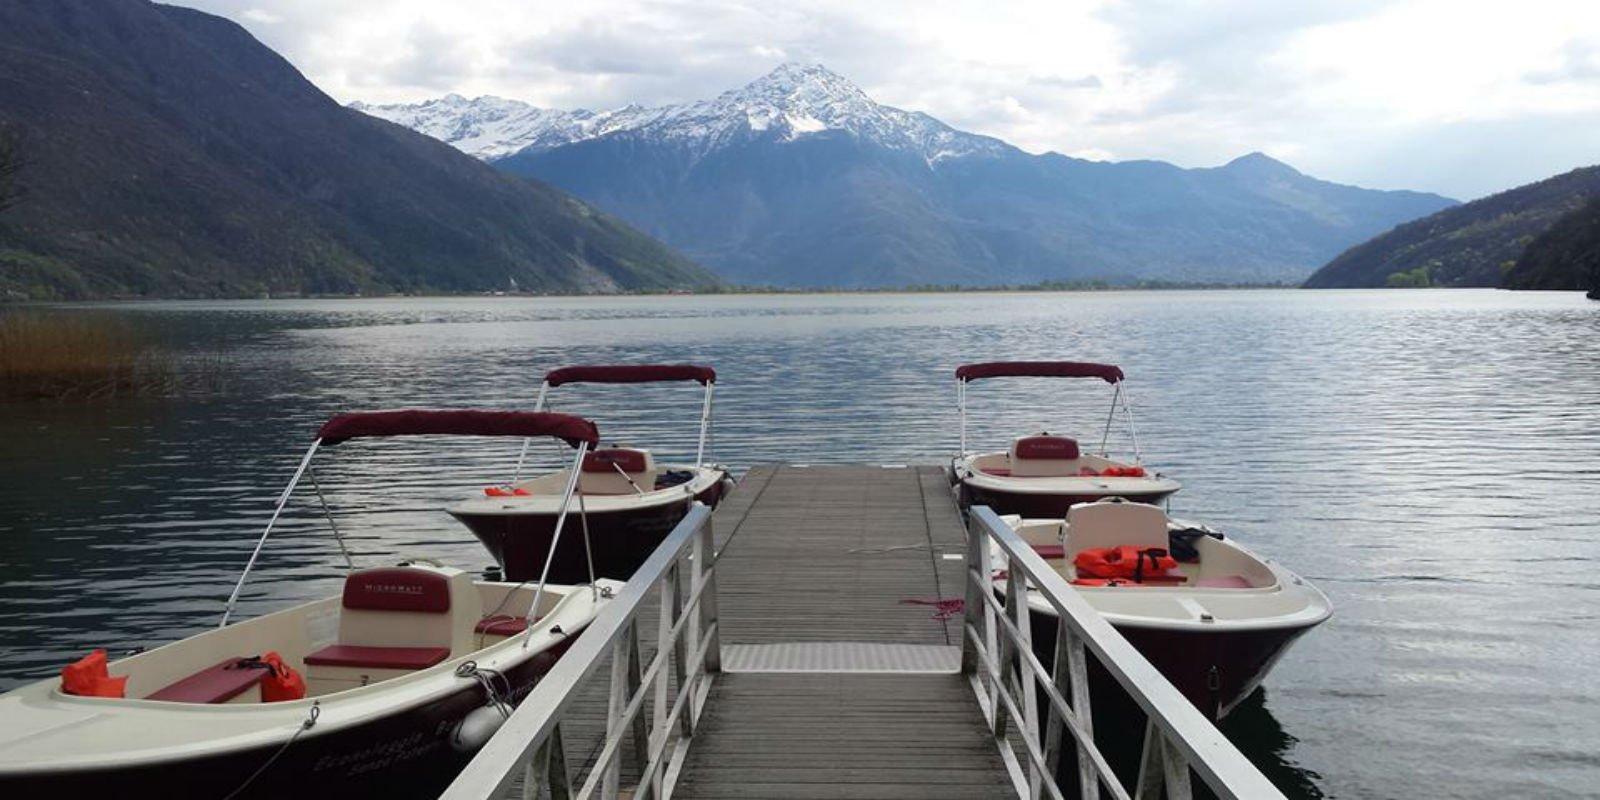 Noleggio barche colico co econoloeggio como lake for Listino prezzi lago